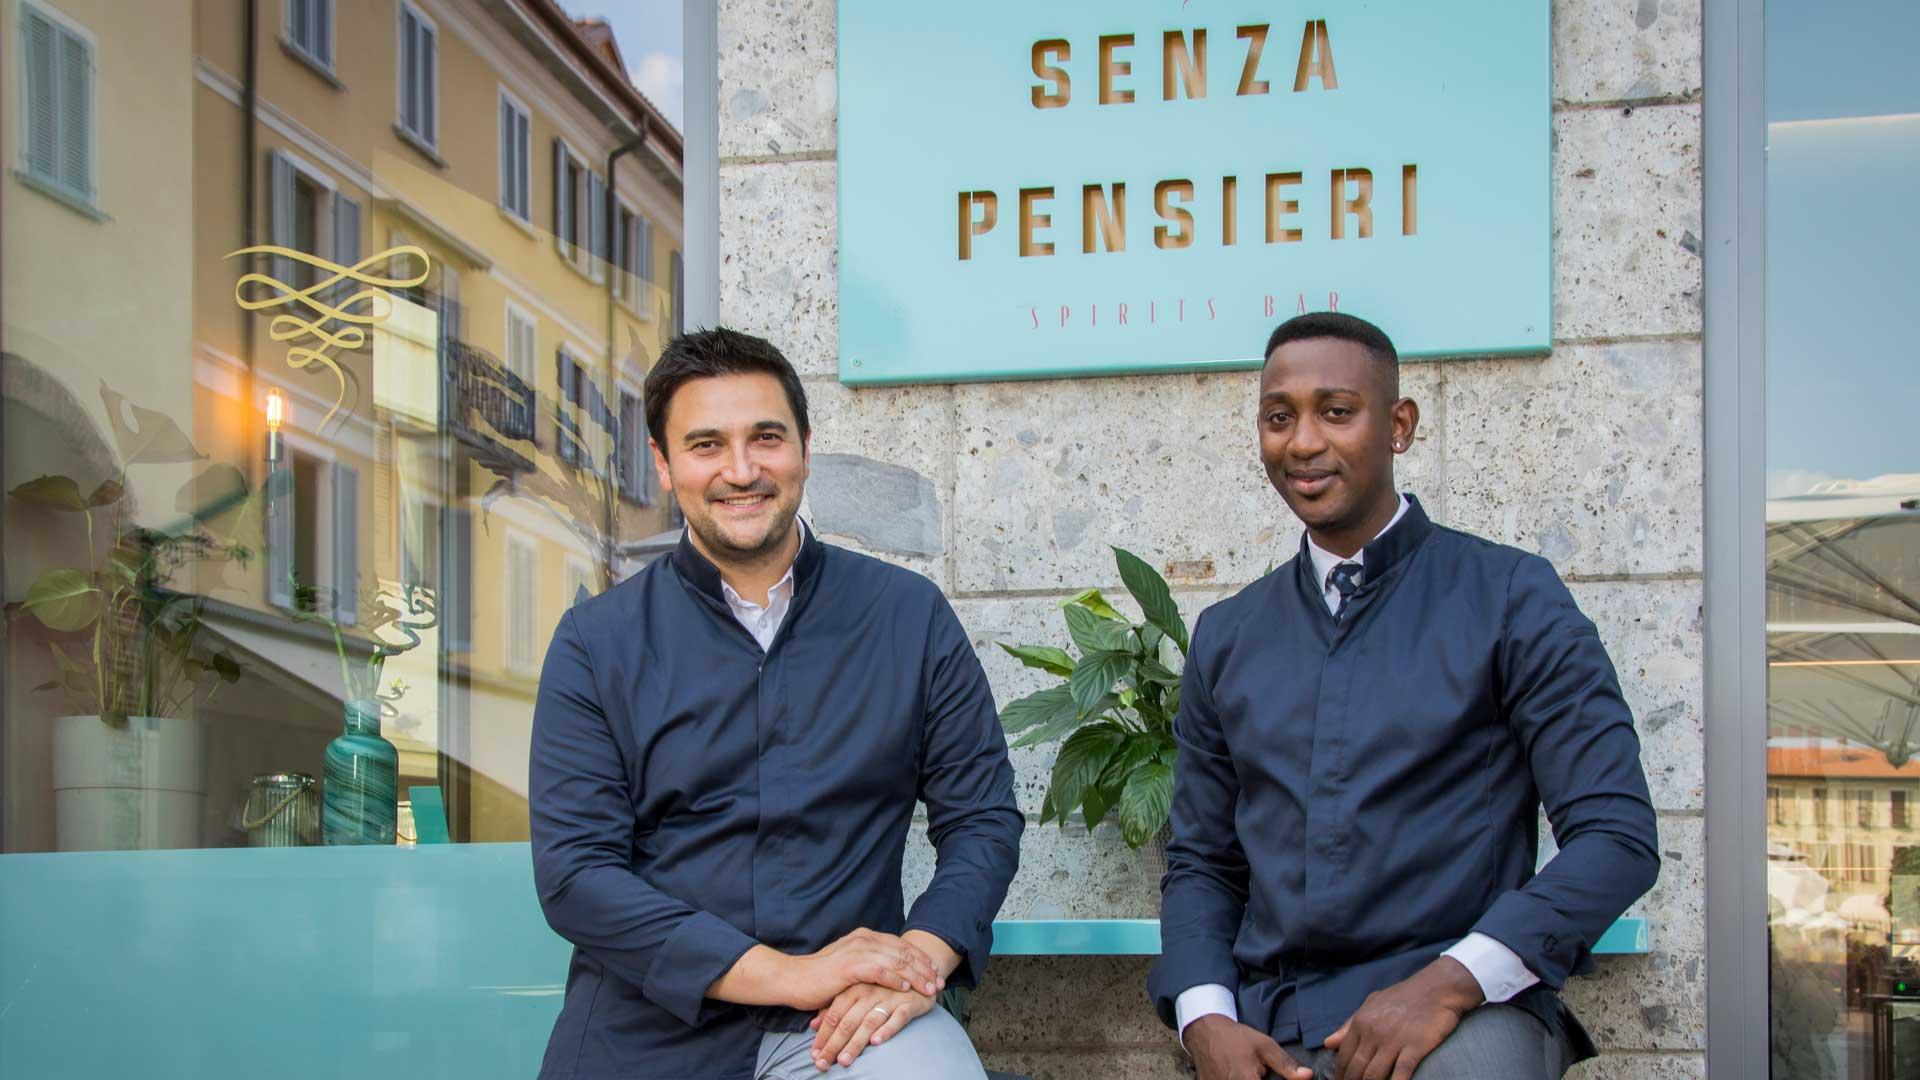 Senza-Pensieri-pop-up-Lago-Maggiore-Coqtail-Milano